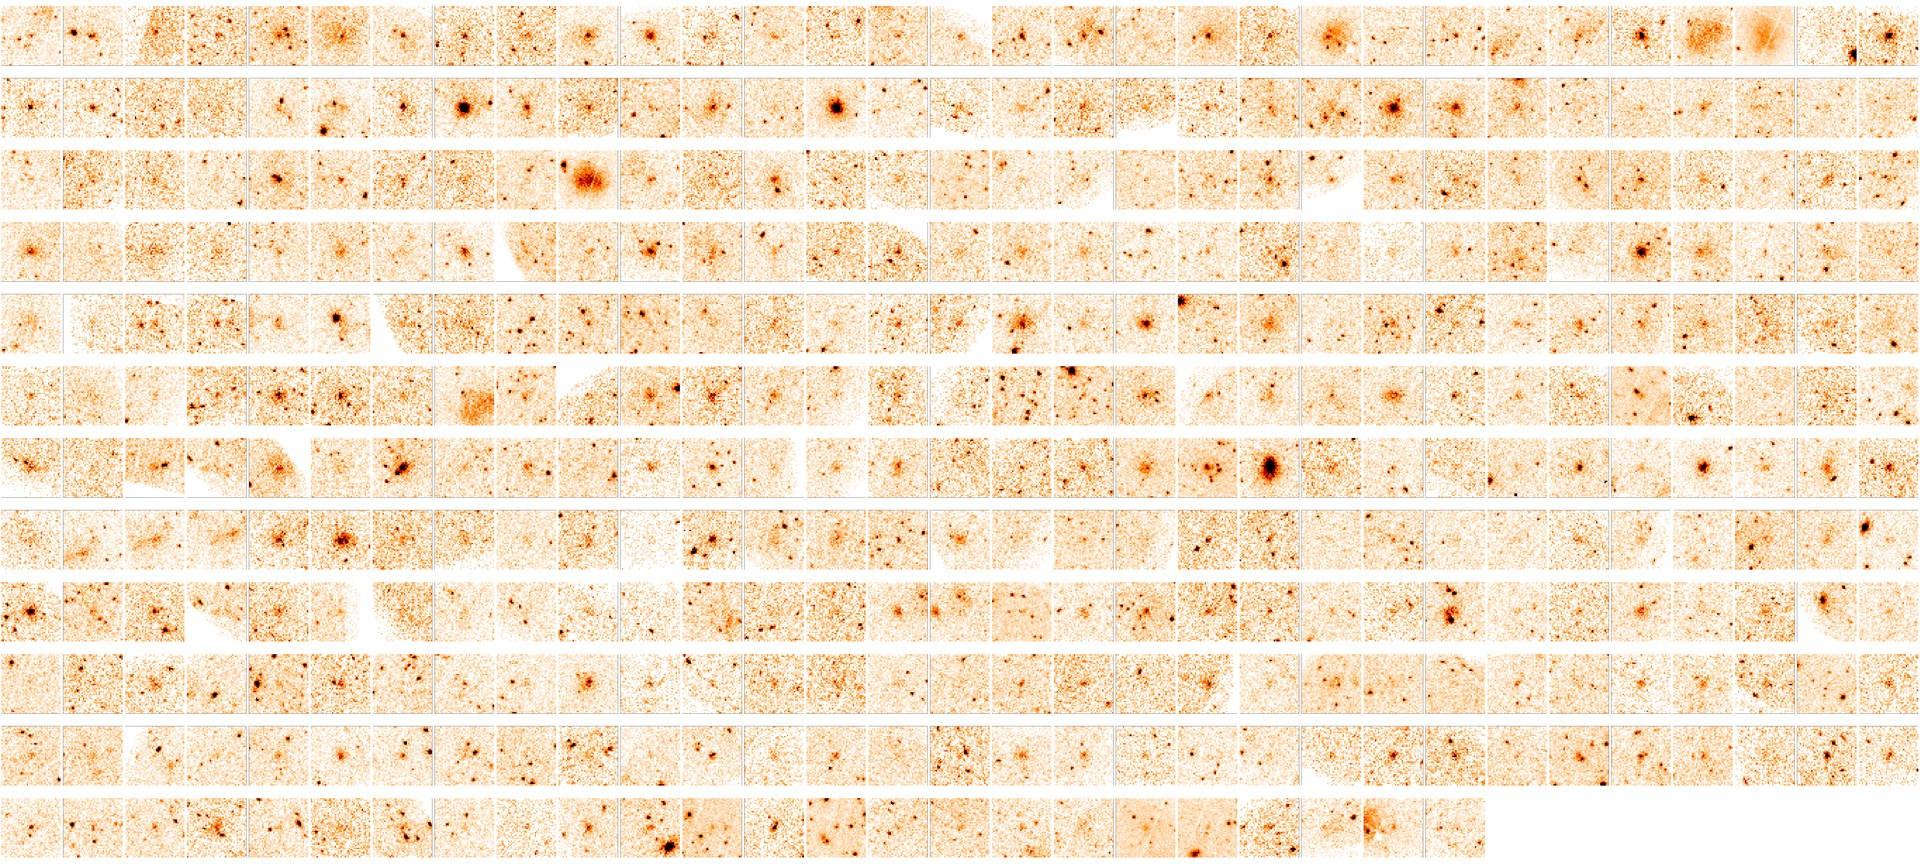 Das Mosaik zeigt die vom XMM-Newton-Satelliten